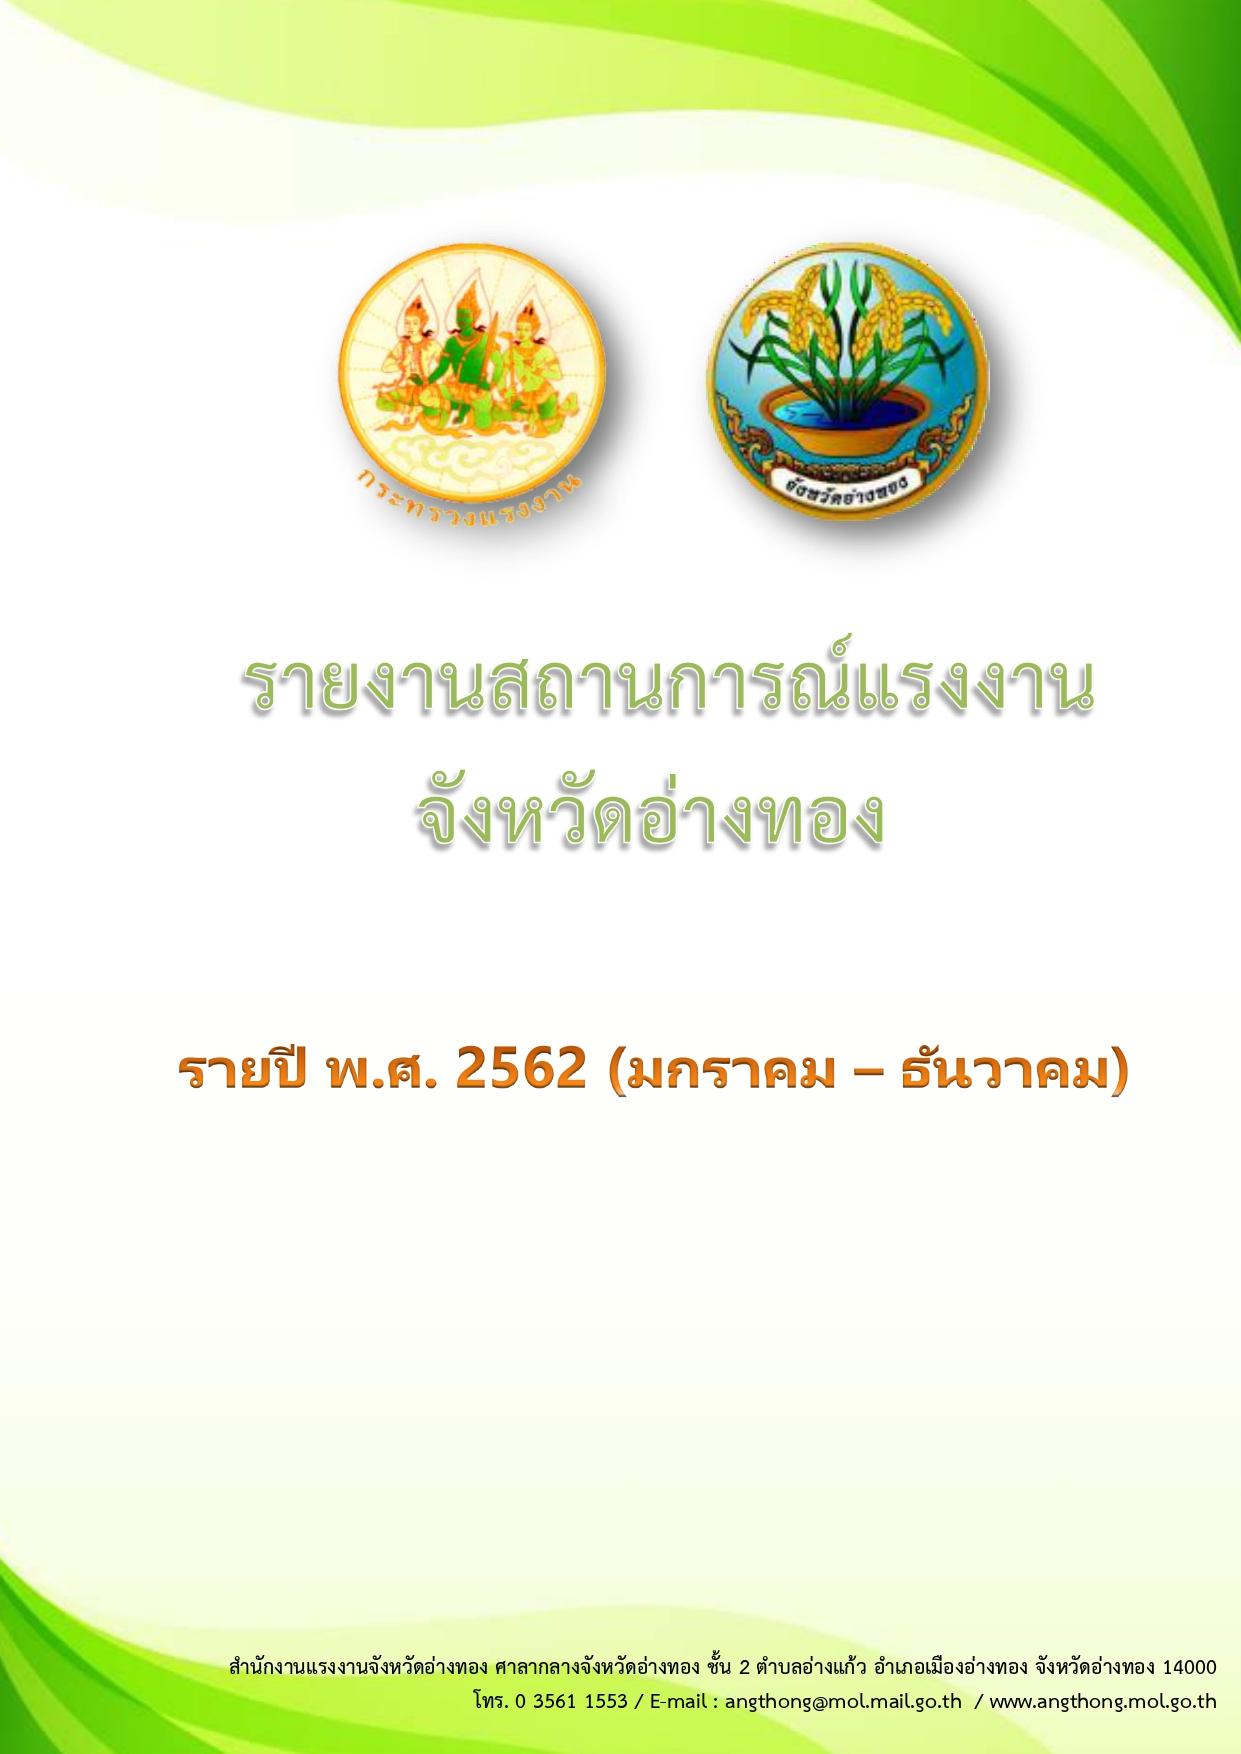 รายงานสถานการณ์แรงงาน จังหวัดอ่างทอง รายปี พ.ศ. 2562 (มกราคม – ธันวาคม)